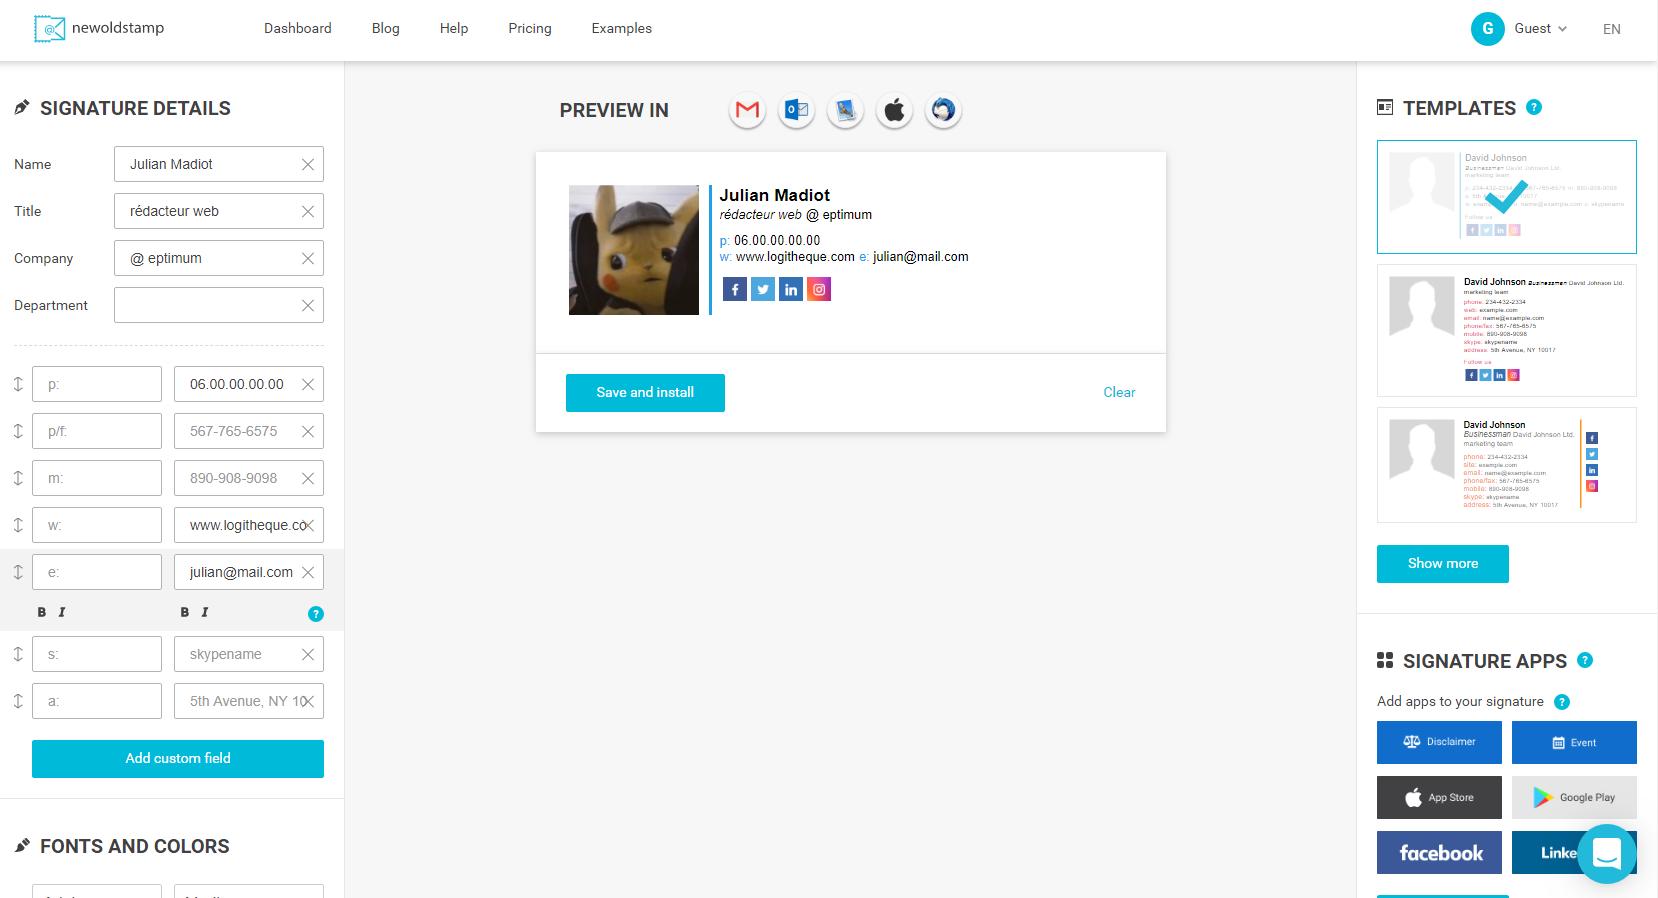 Capture d'écran Newoldstamp